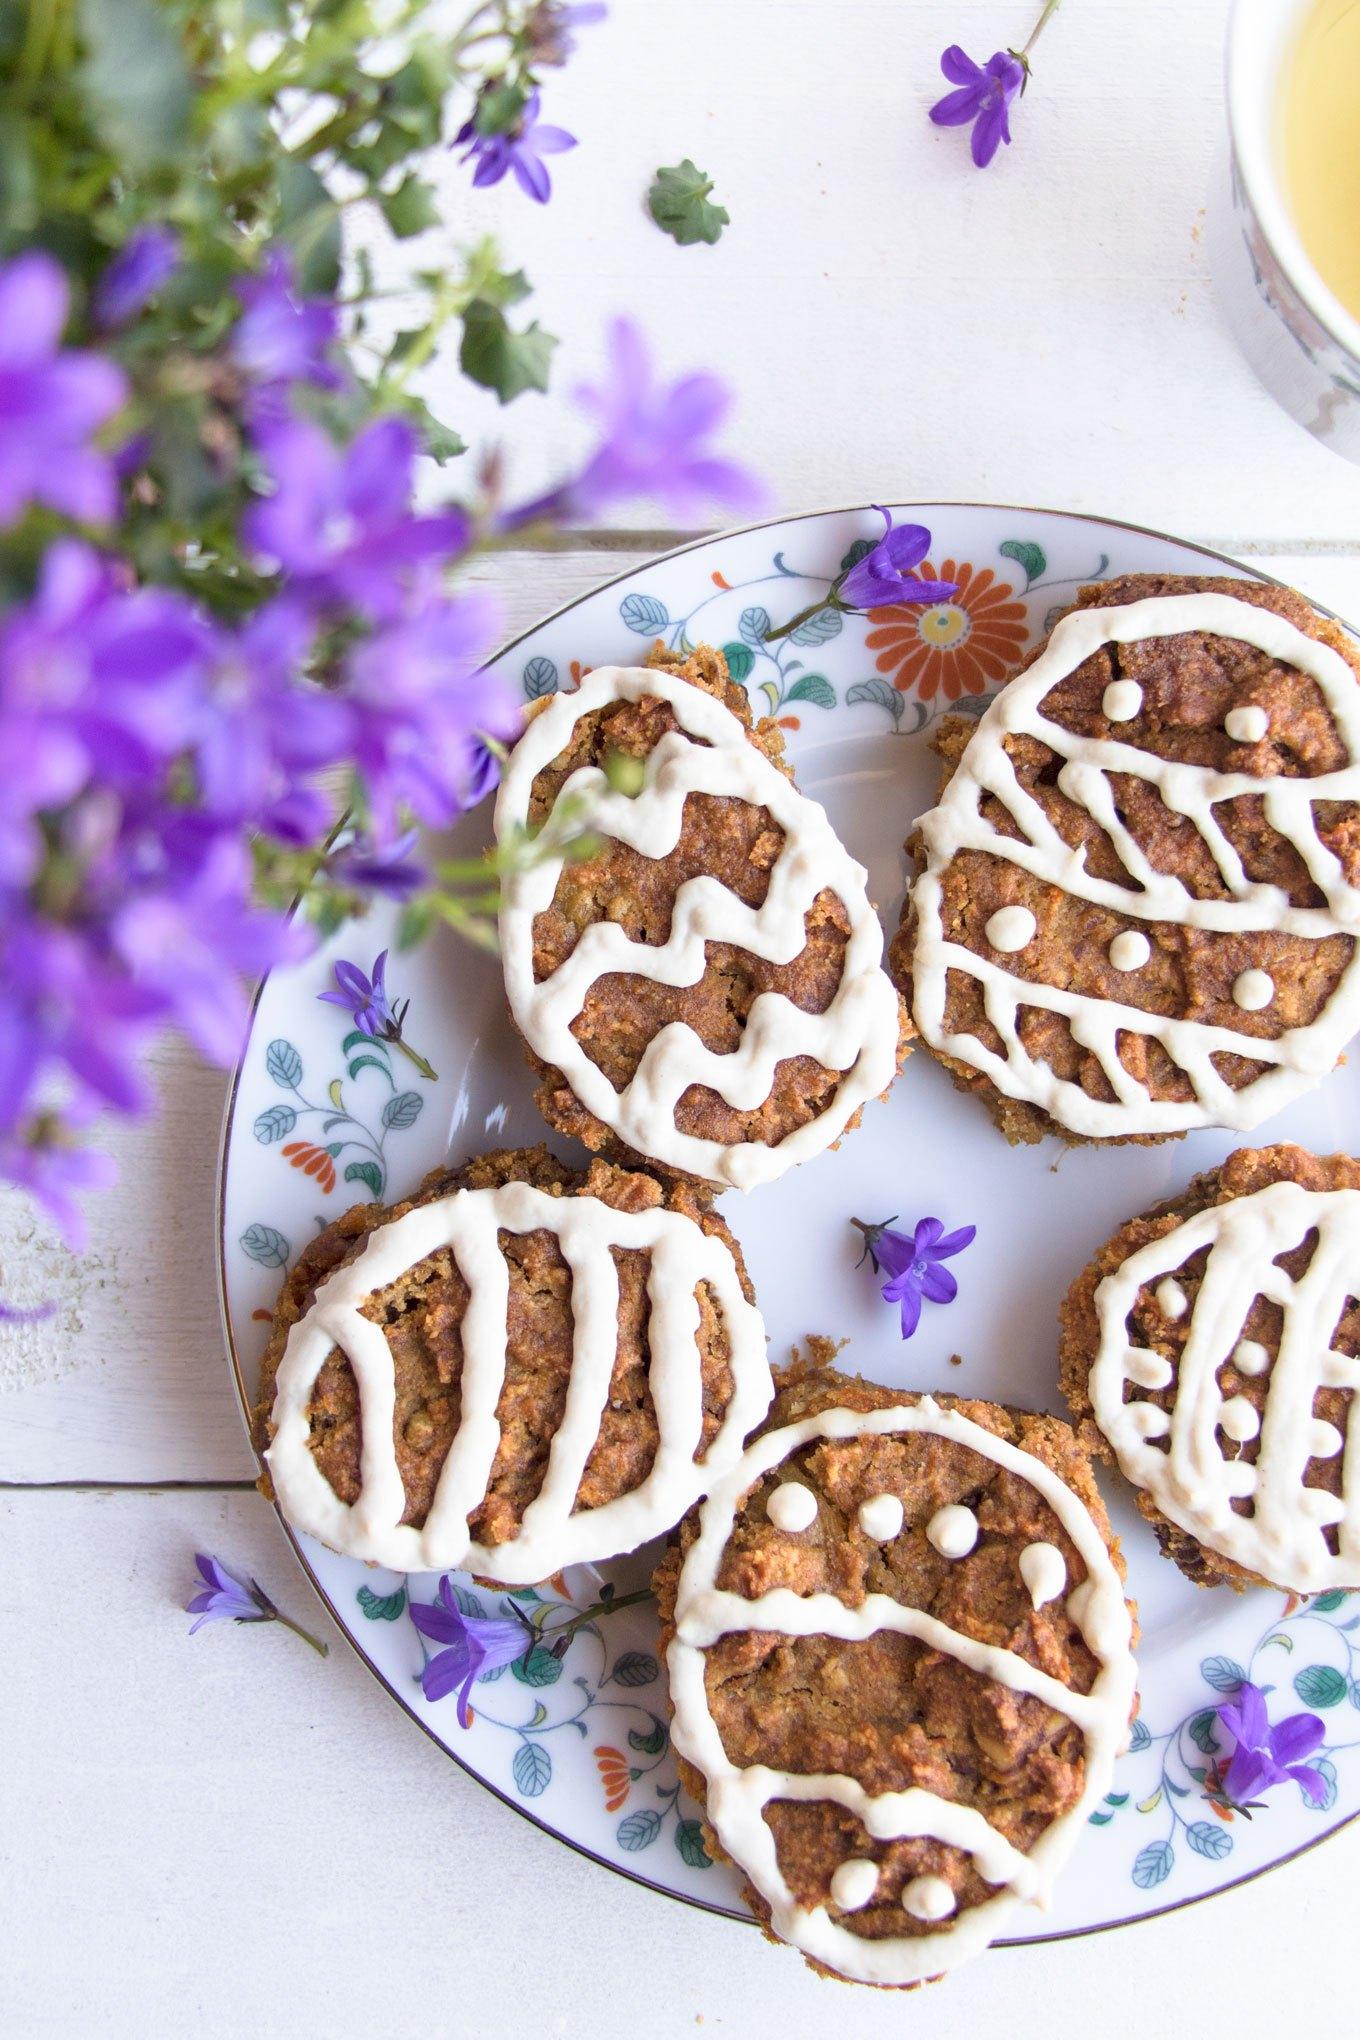 DIY gluten free Easter egg cookies